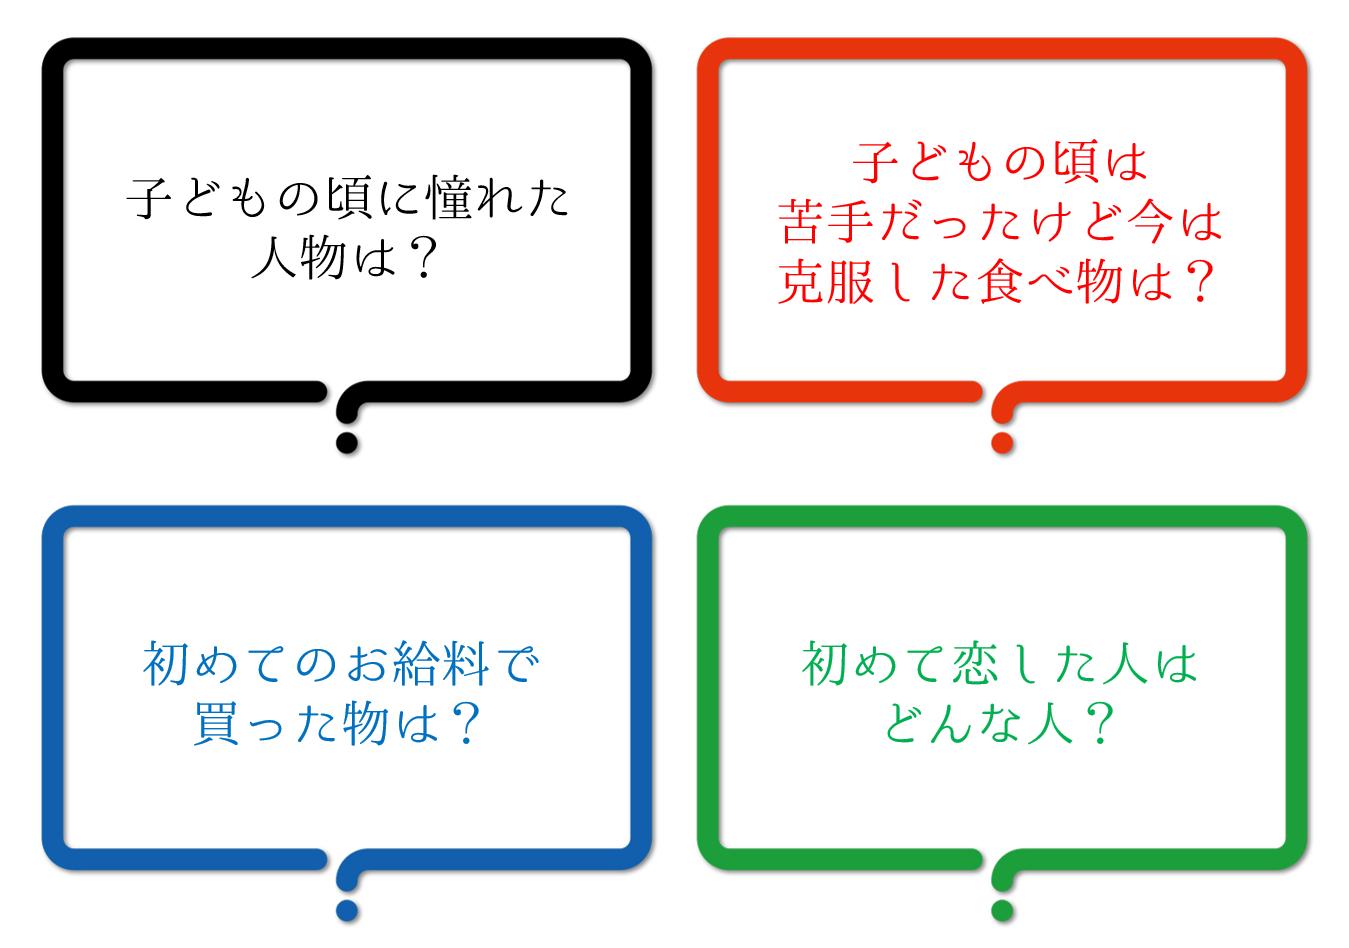 【高齢者向け質問レクリエーションゲーム】おすすめ!!やり方やコツ・お題を紹介